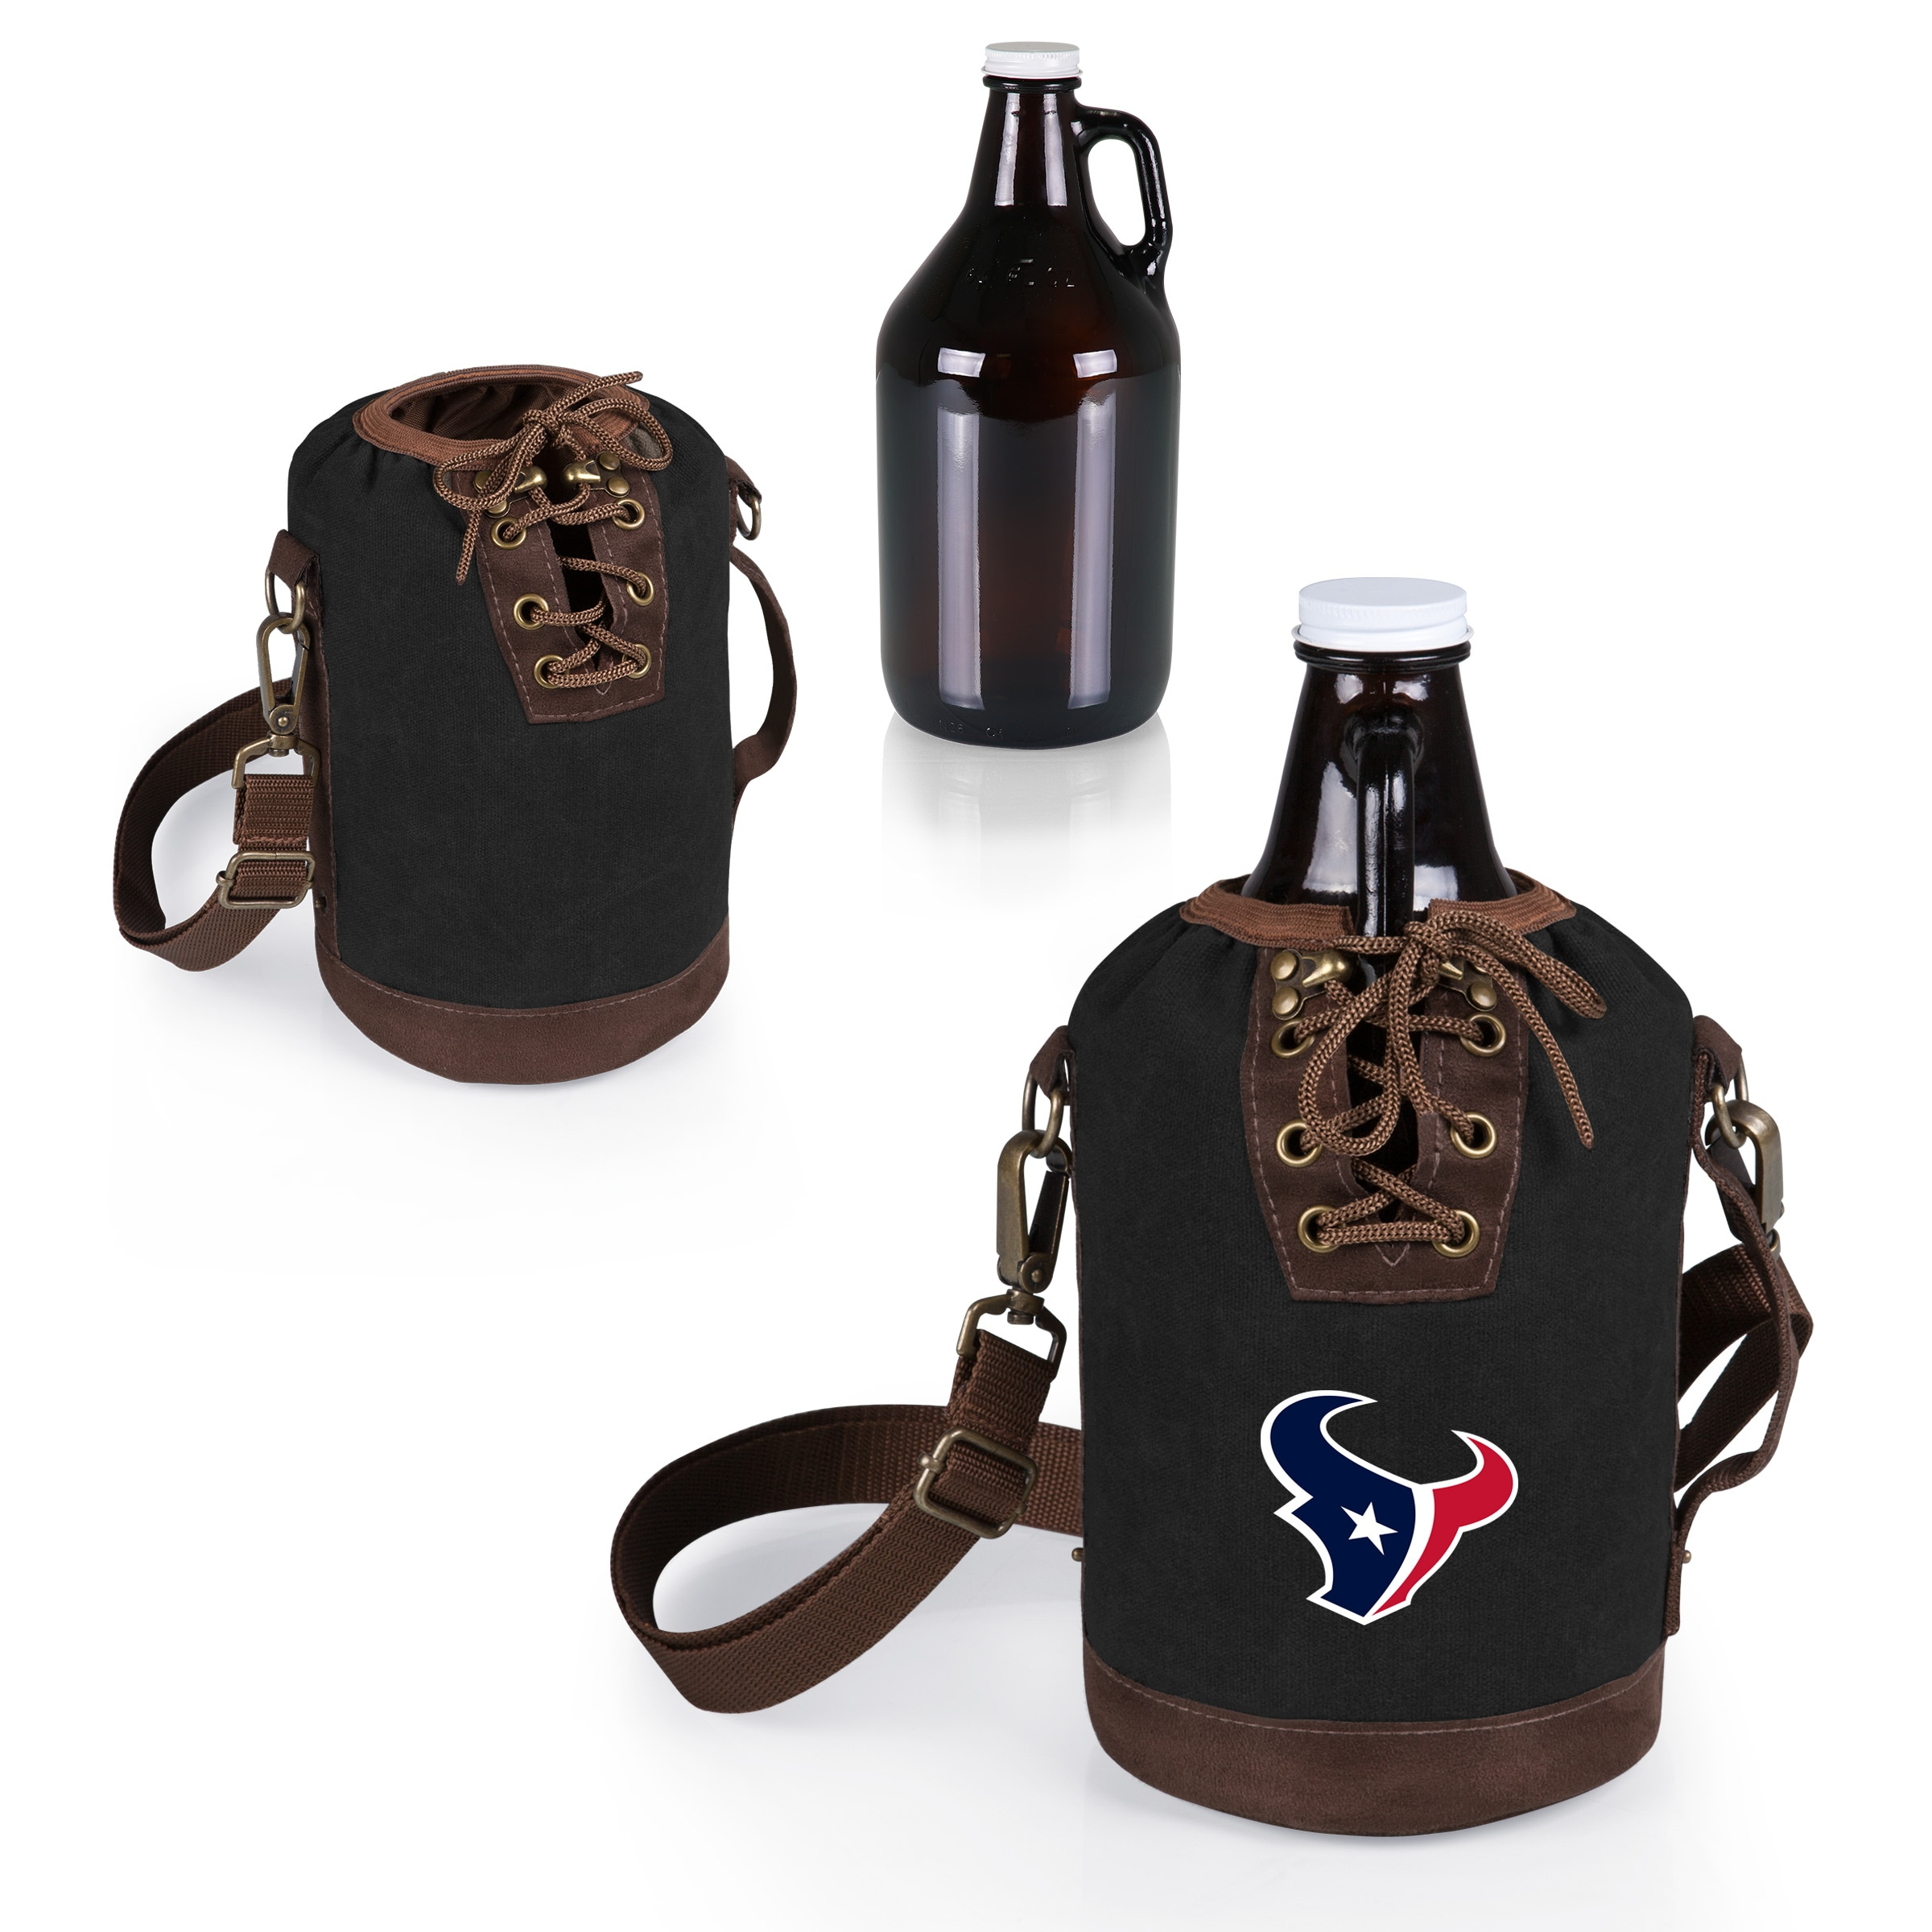 Houston Texans Growler Tote with 64oz. Growler - Black